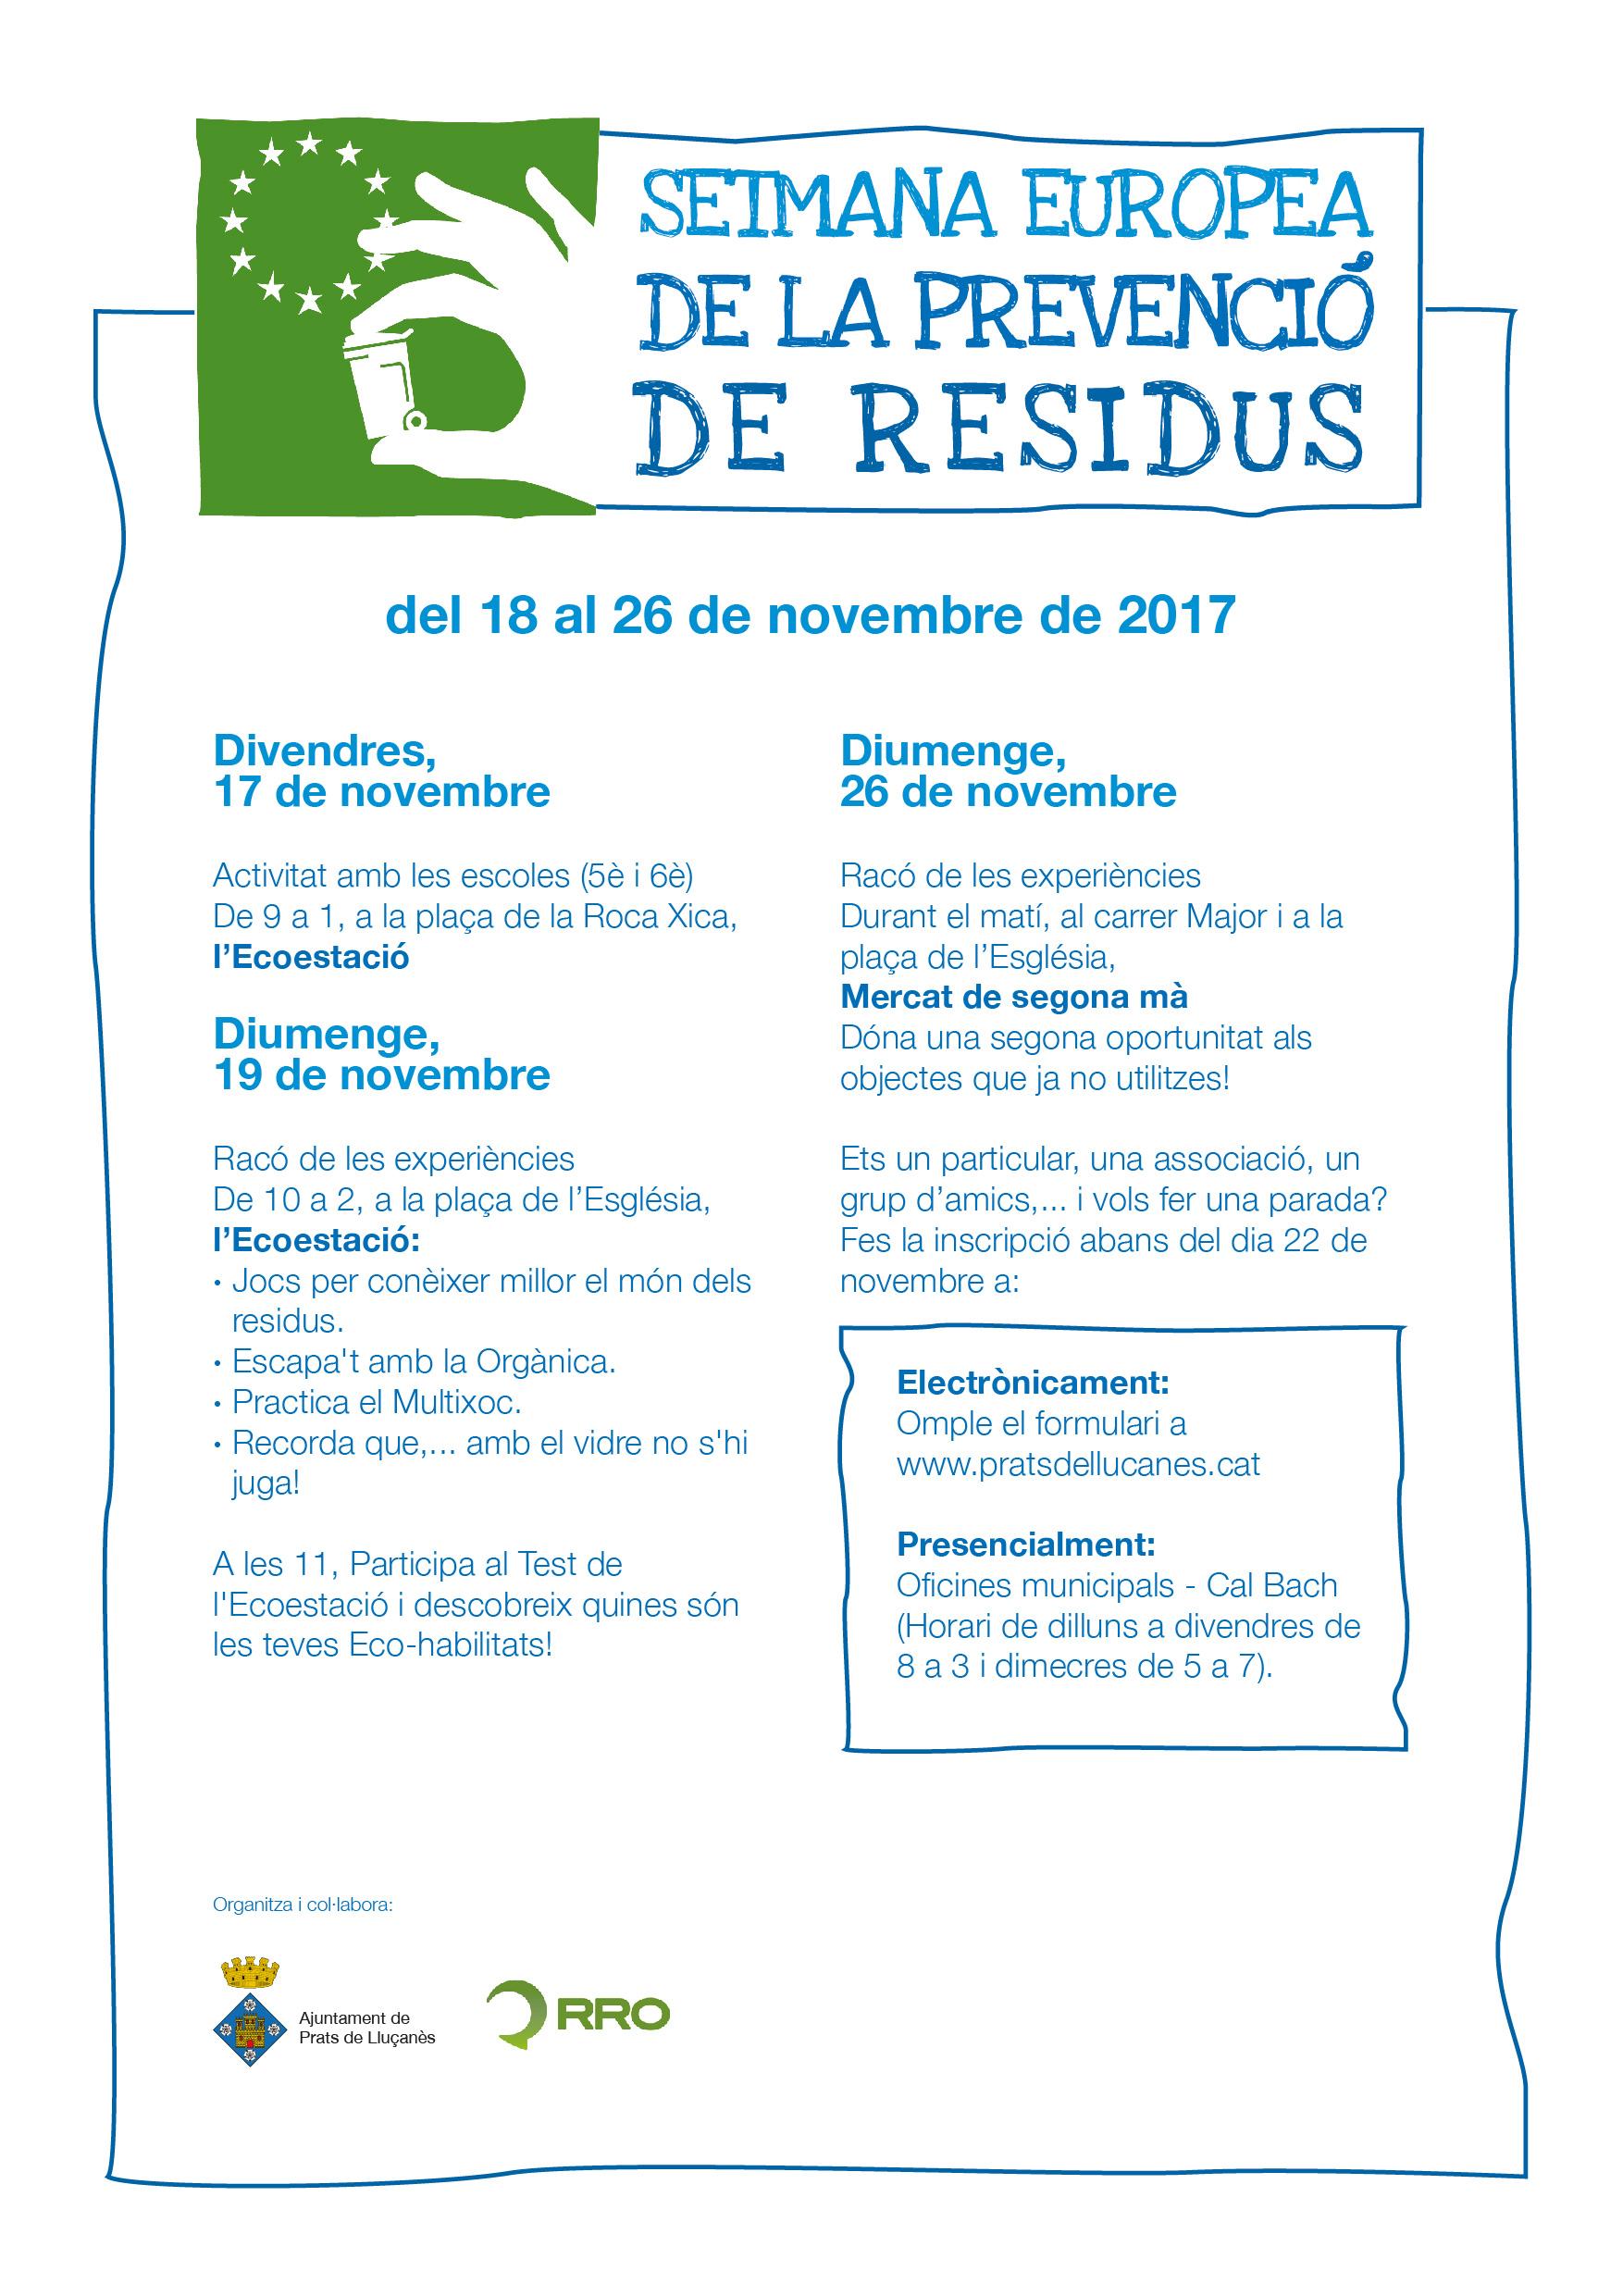 Setmana Europea de Residus 2017